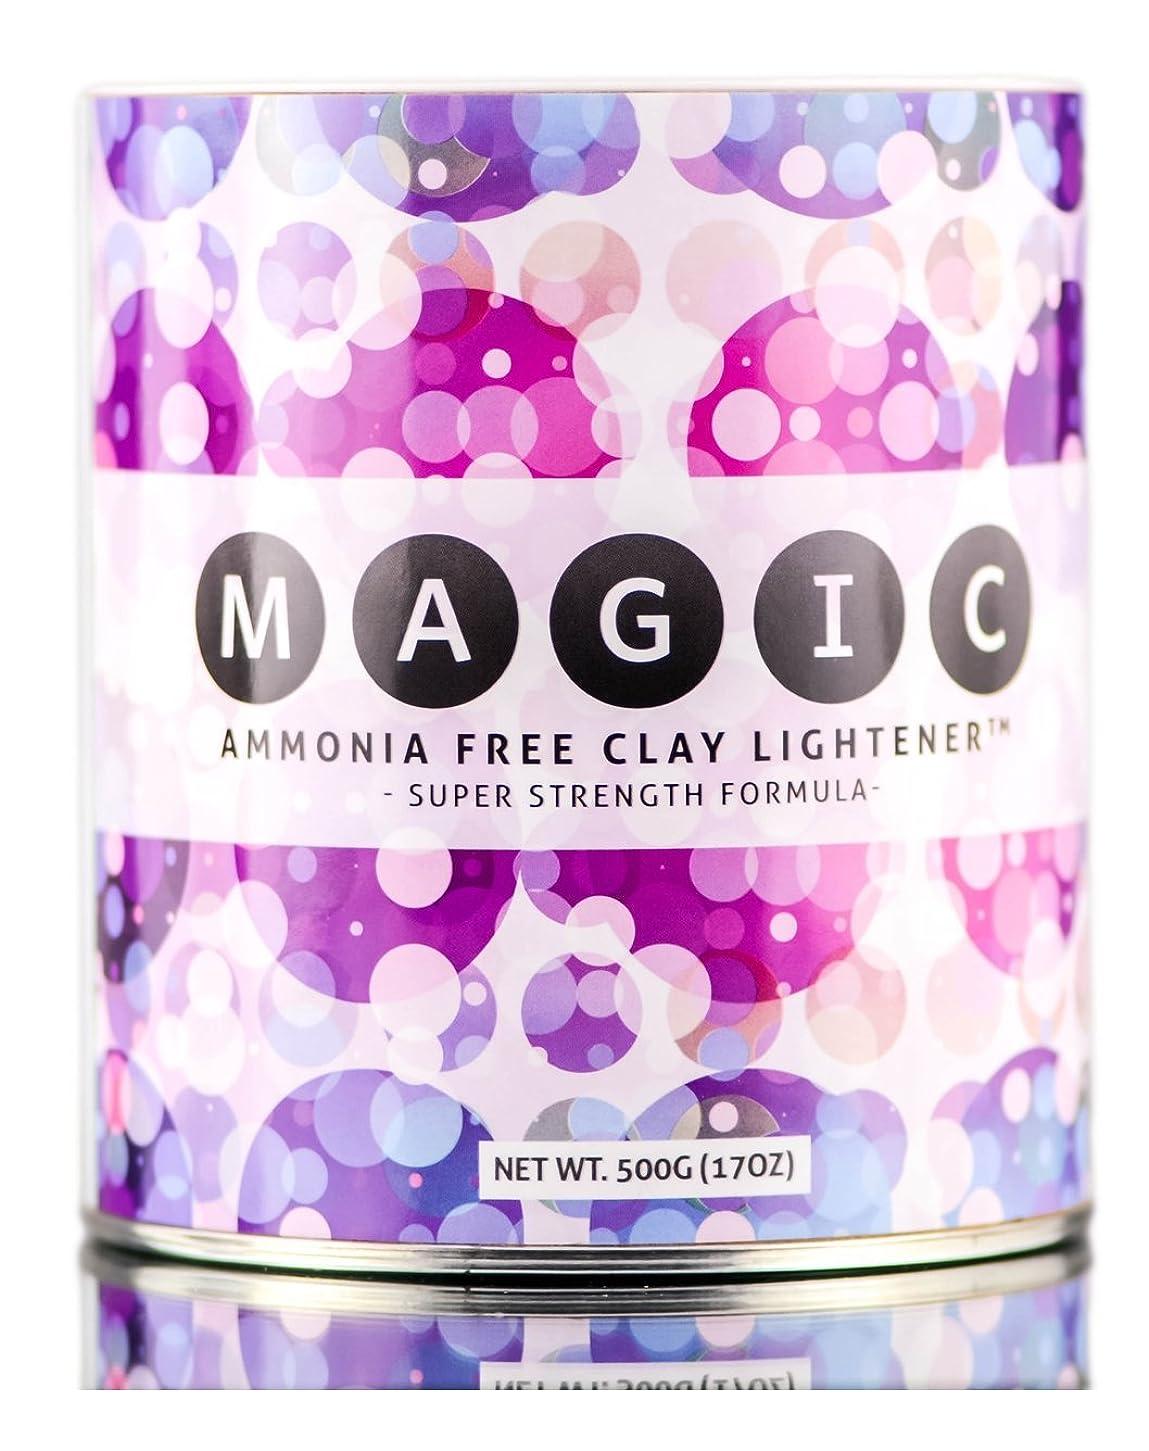 キャリッジマイクロフォンローマ人Magic Lightener MAGICアンモニアフリーCLAYライトナー - スーパー強度式(500グラム/ 17オンス)